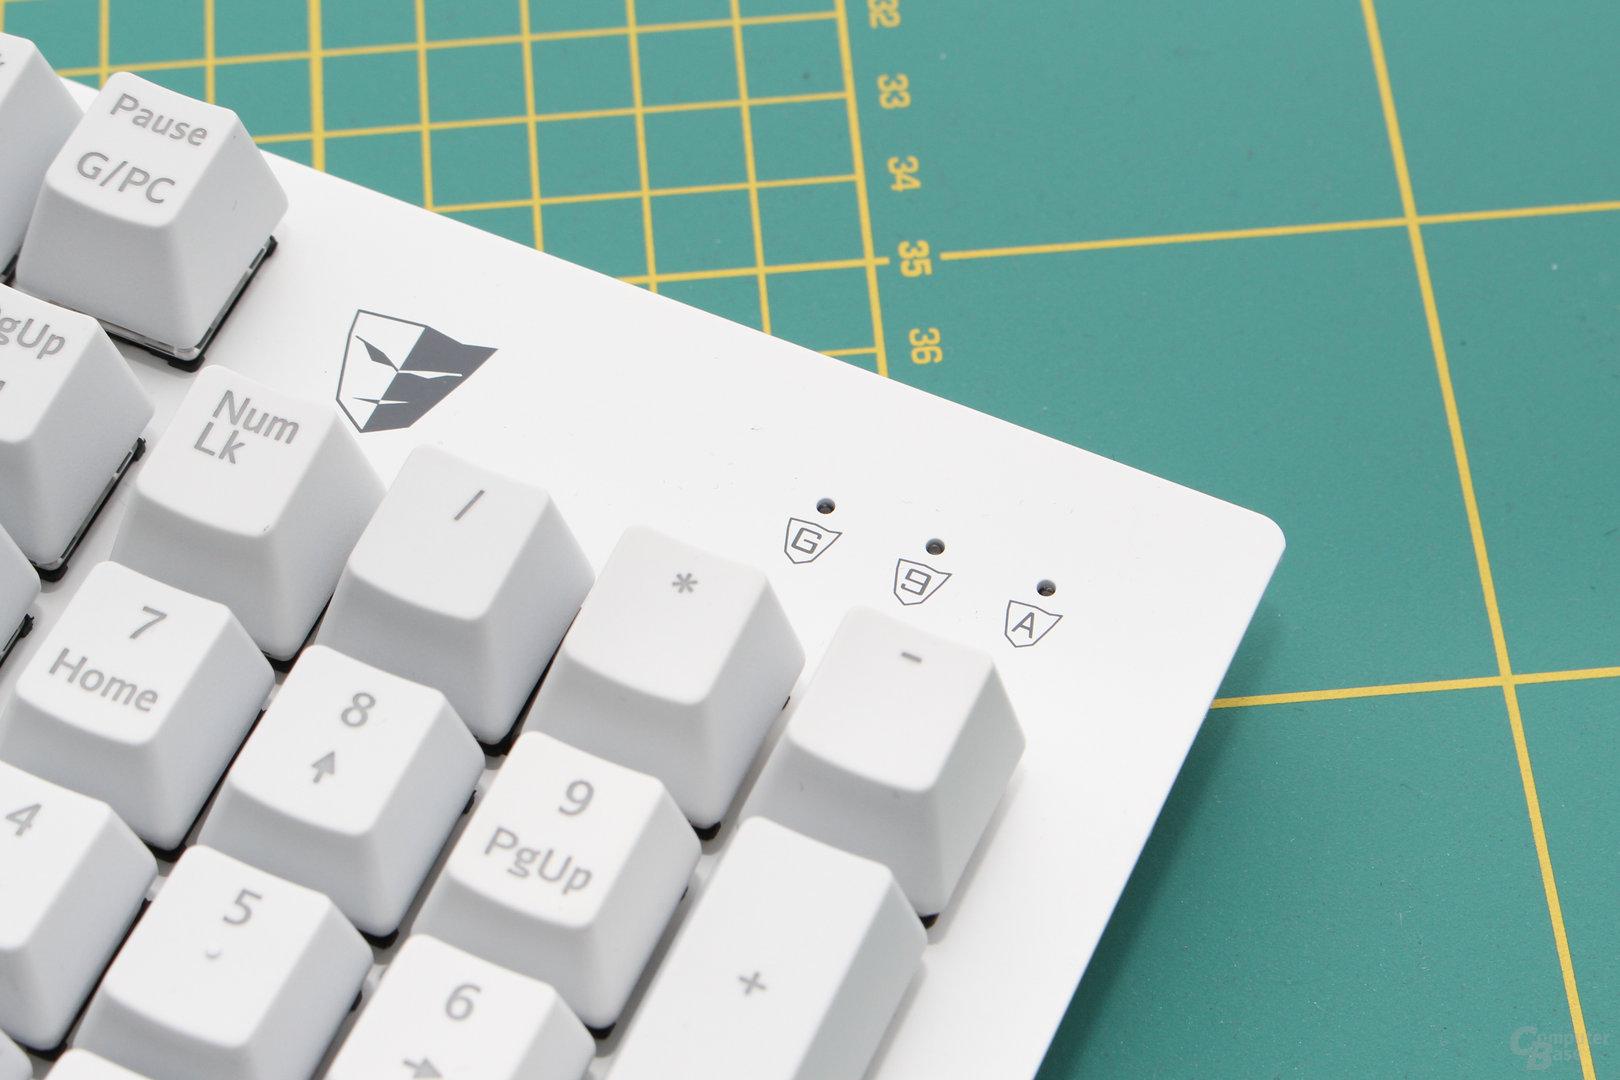 Status-LED für Spielemodus, Nummernblock und Capslock